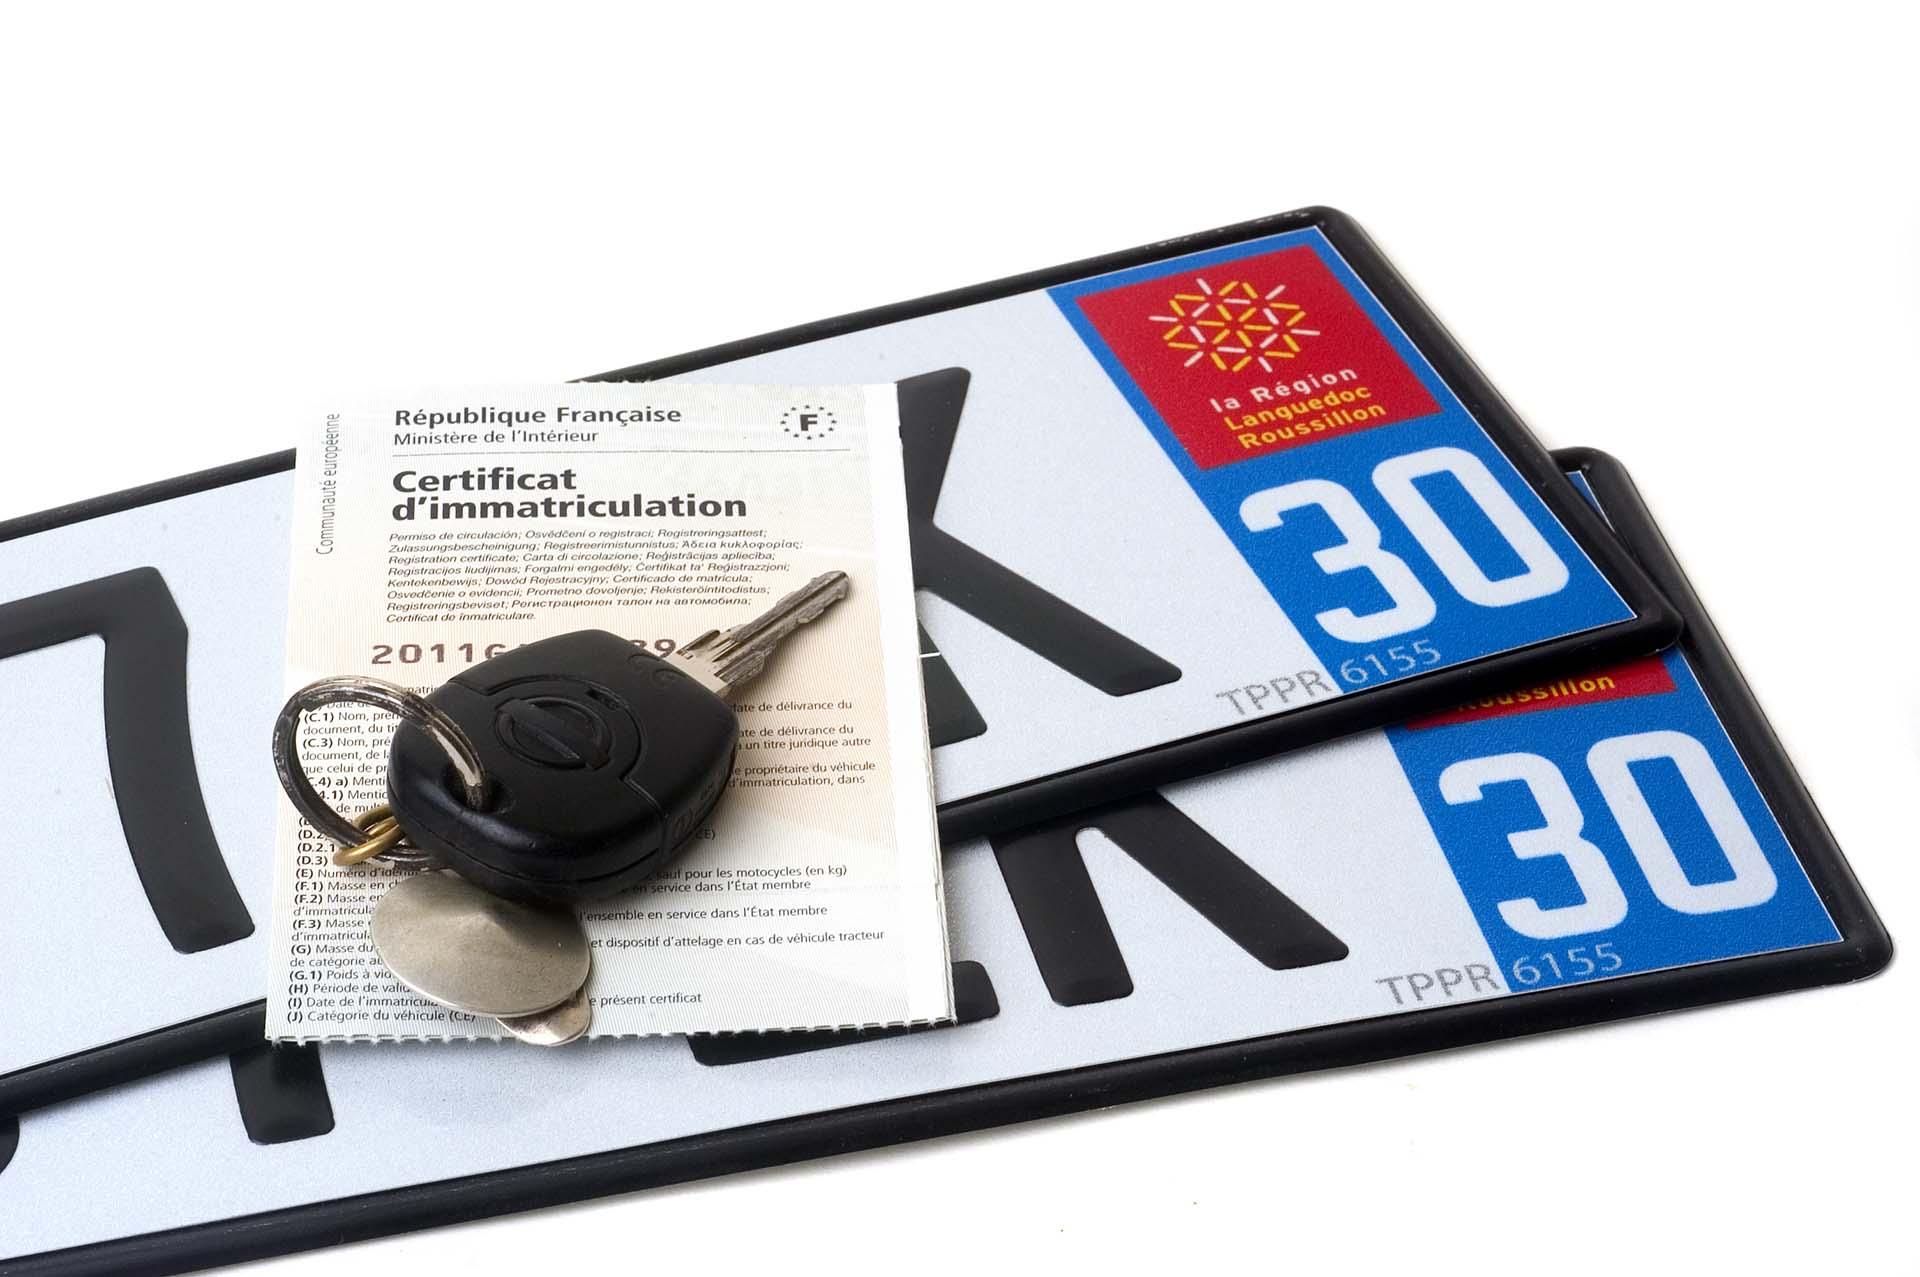 Changer le numéro du département sur ses plaques d'immatriculation